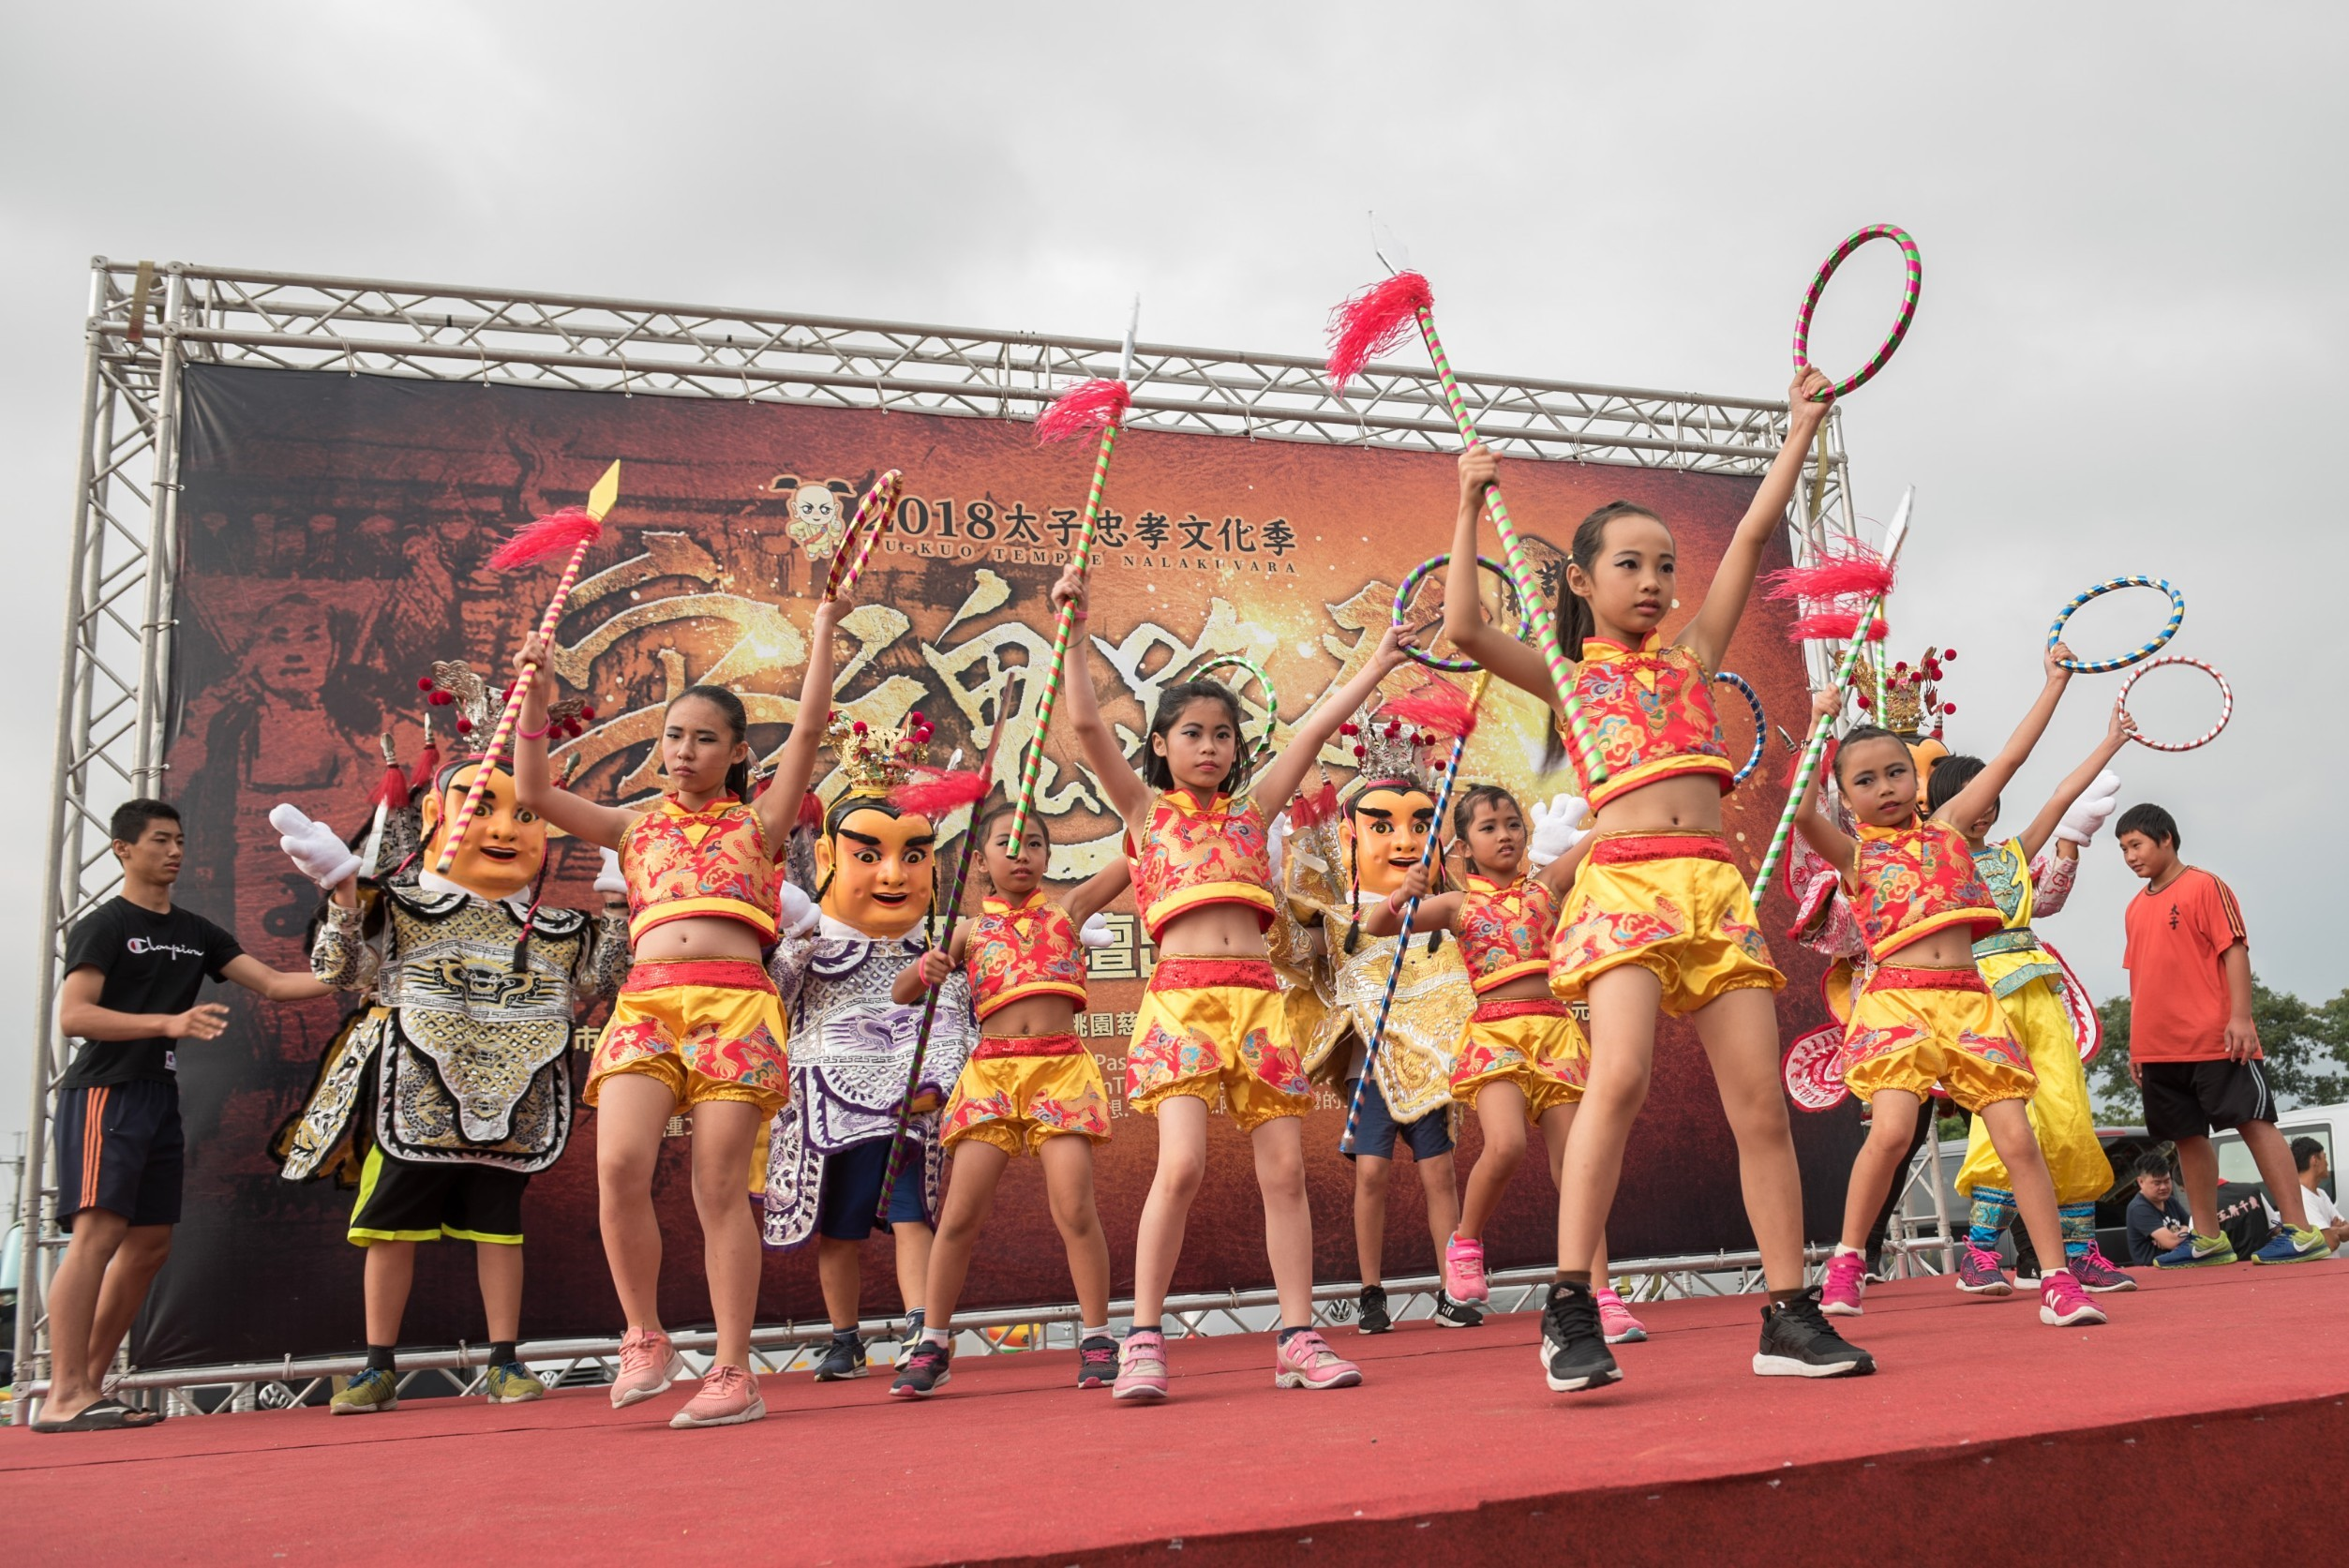 護國宮太子護國中壇出軍起駕大典舞台上,小朋友精彩的傳統技藝表演